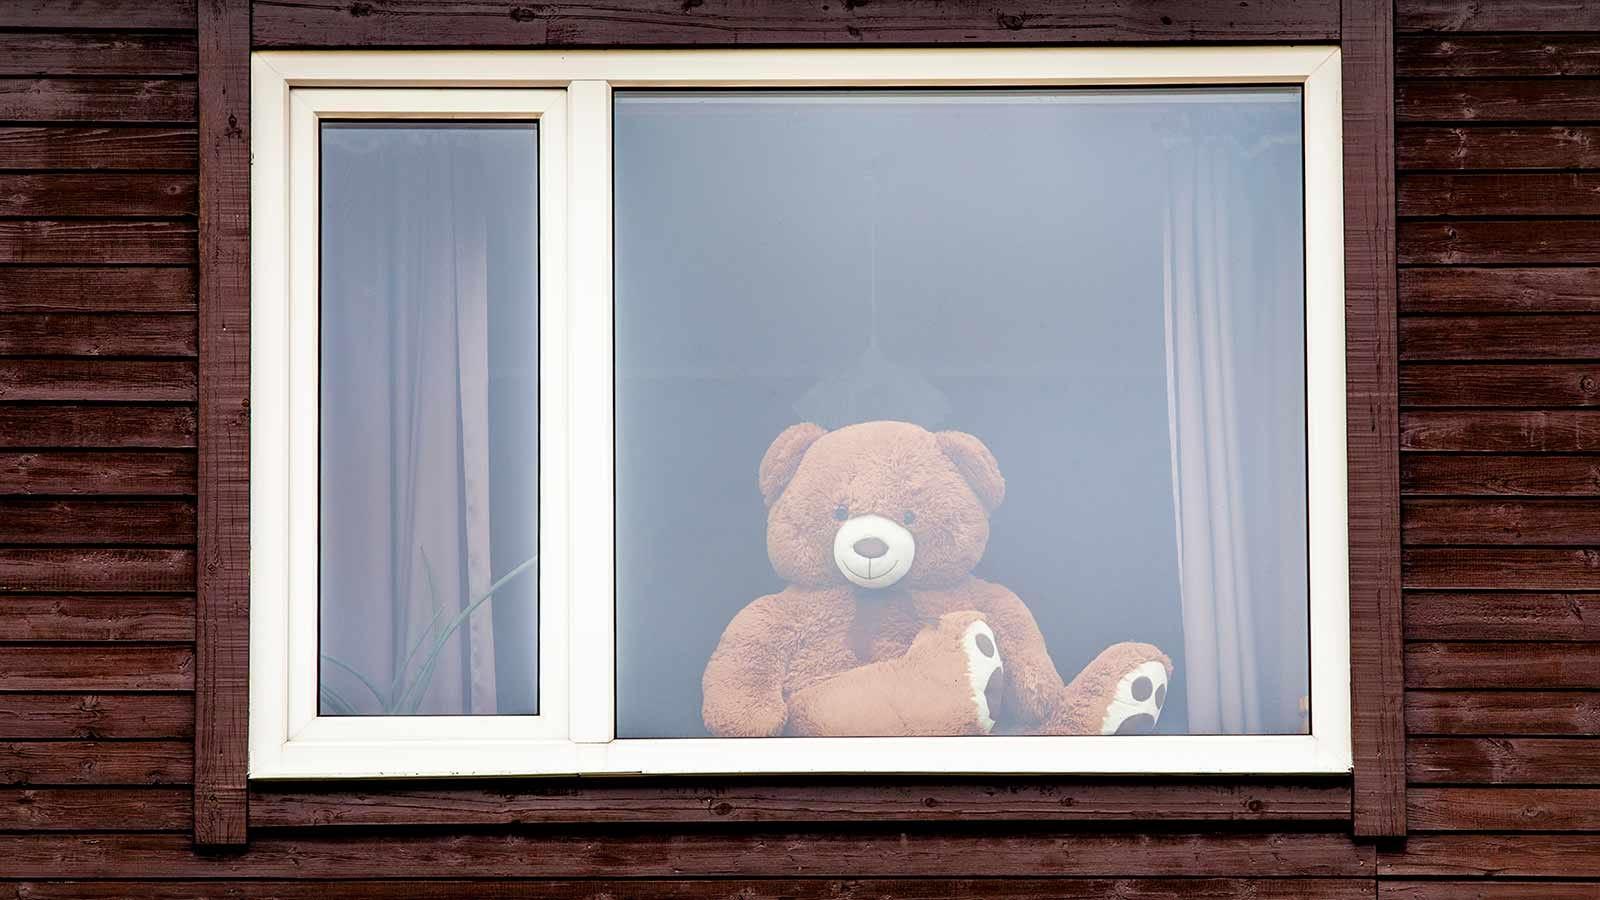 A teddy bear in a window.